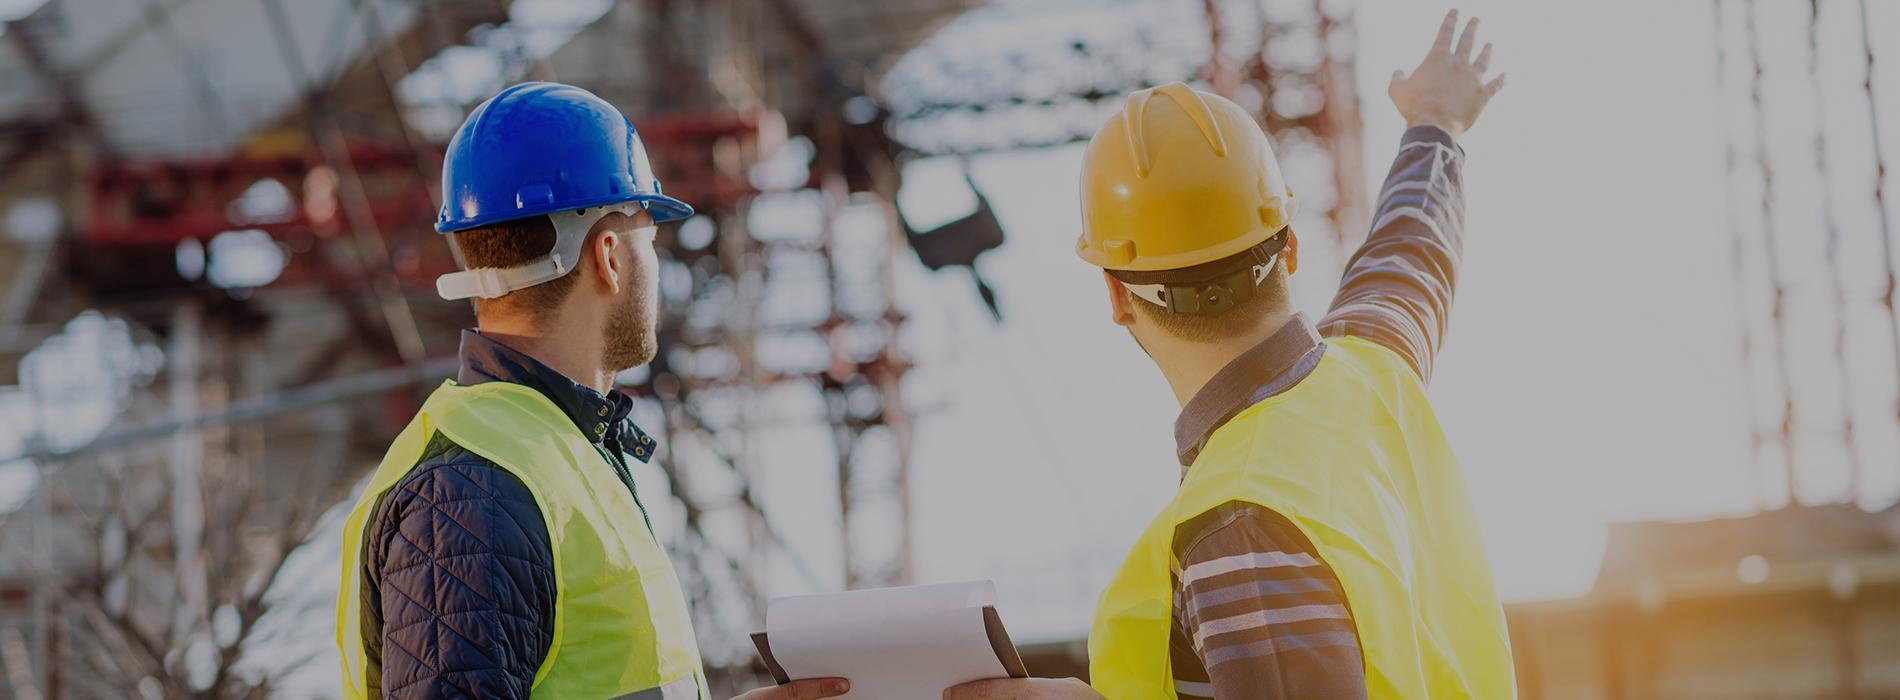 Craftman on projektikumppanisi teollisuuden ja rakennusalan henkilöstöresursoinnissa